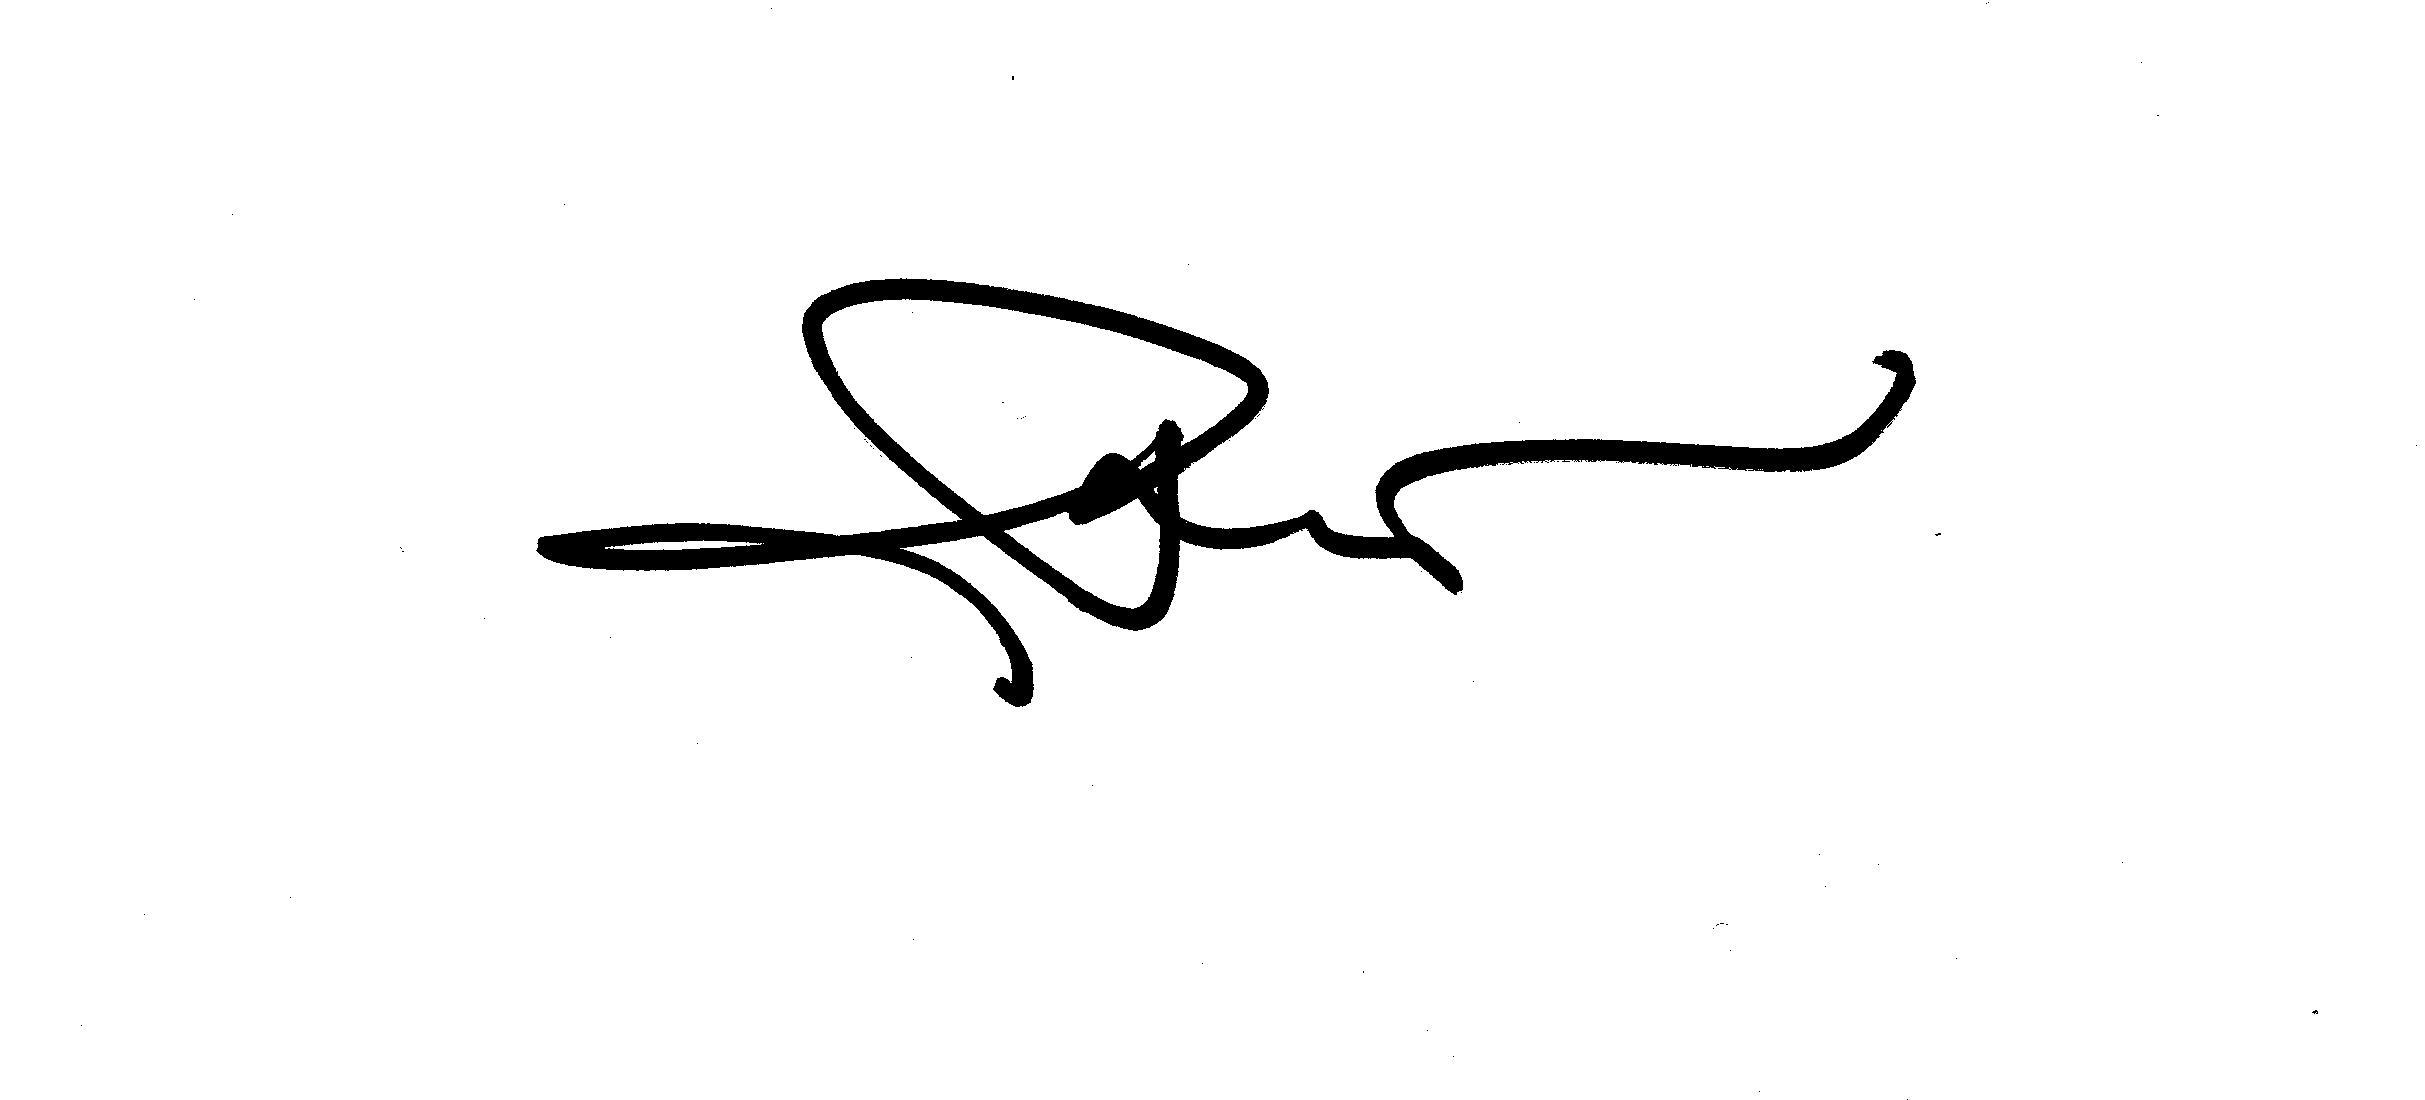 OTTO RAPP's Signature